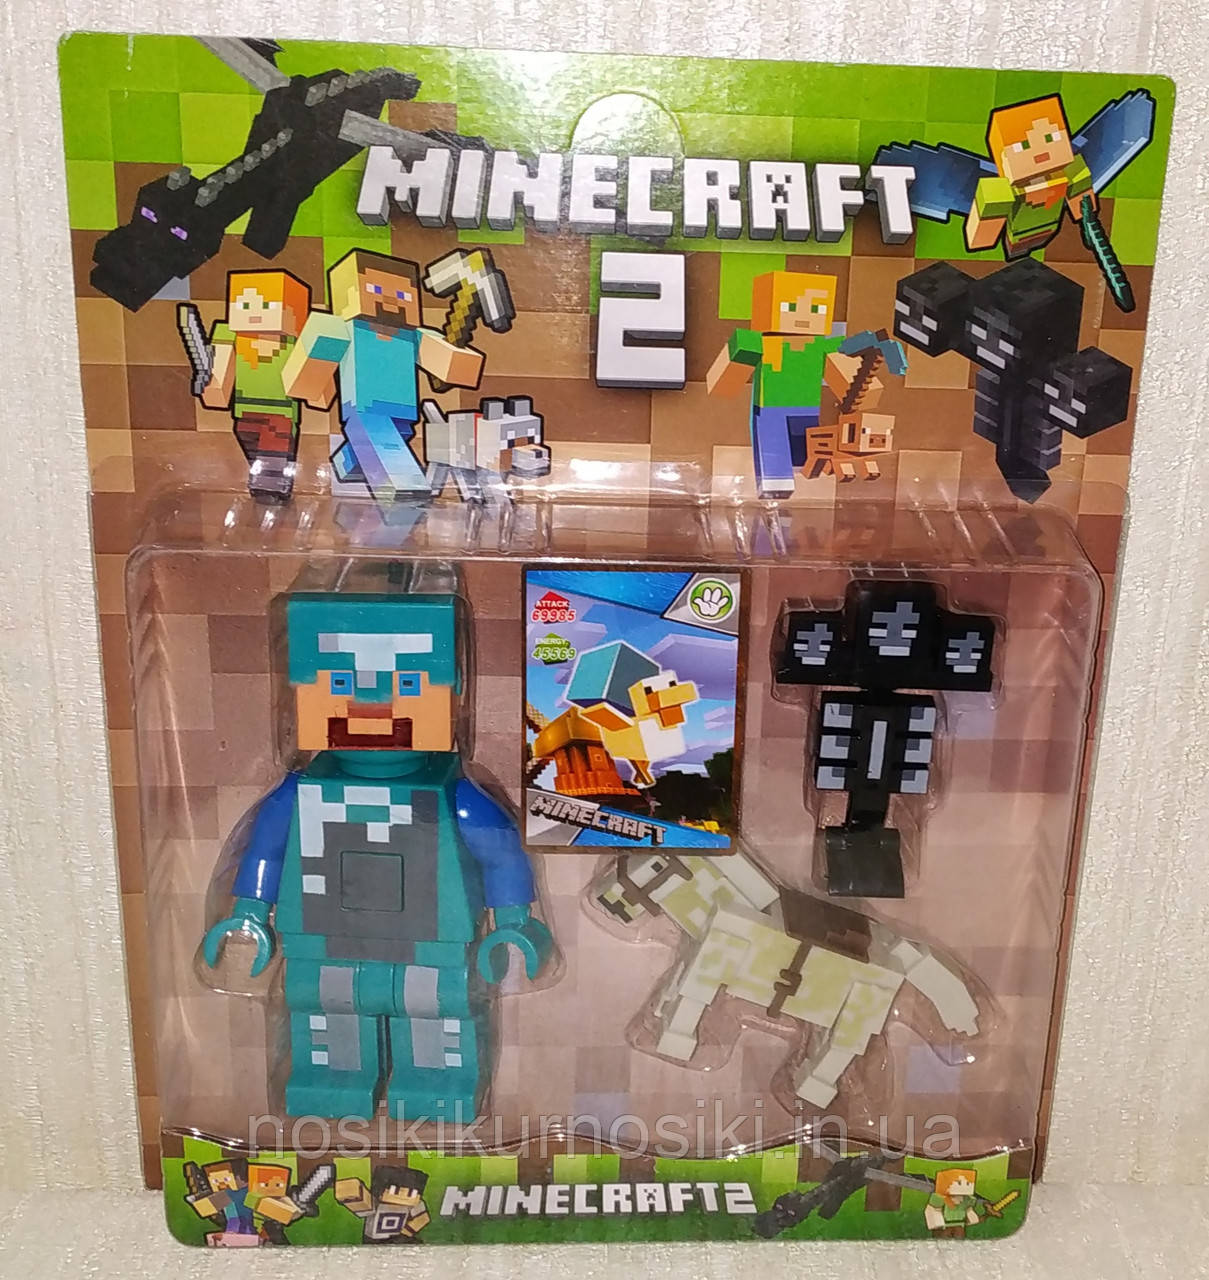 Фигурки Minecraft Герои Майнкрафт — 3 фигурки, свет, звук 18330-2.1